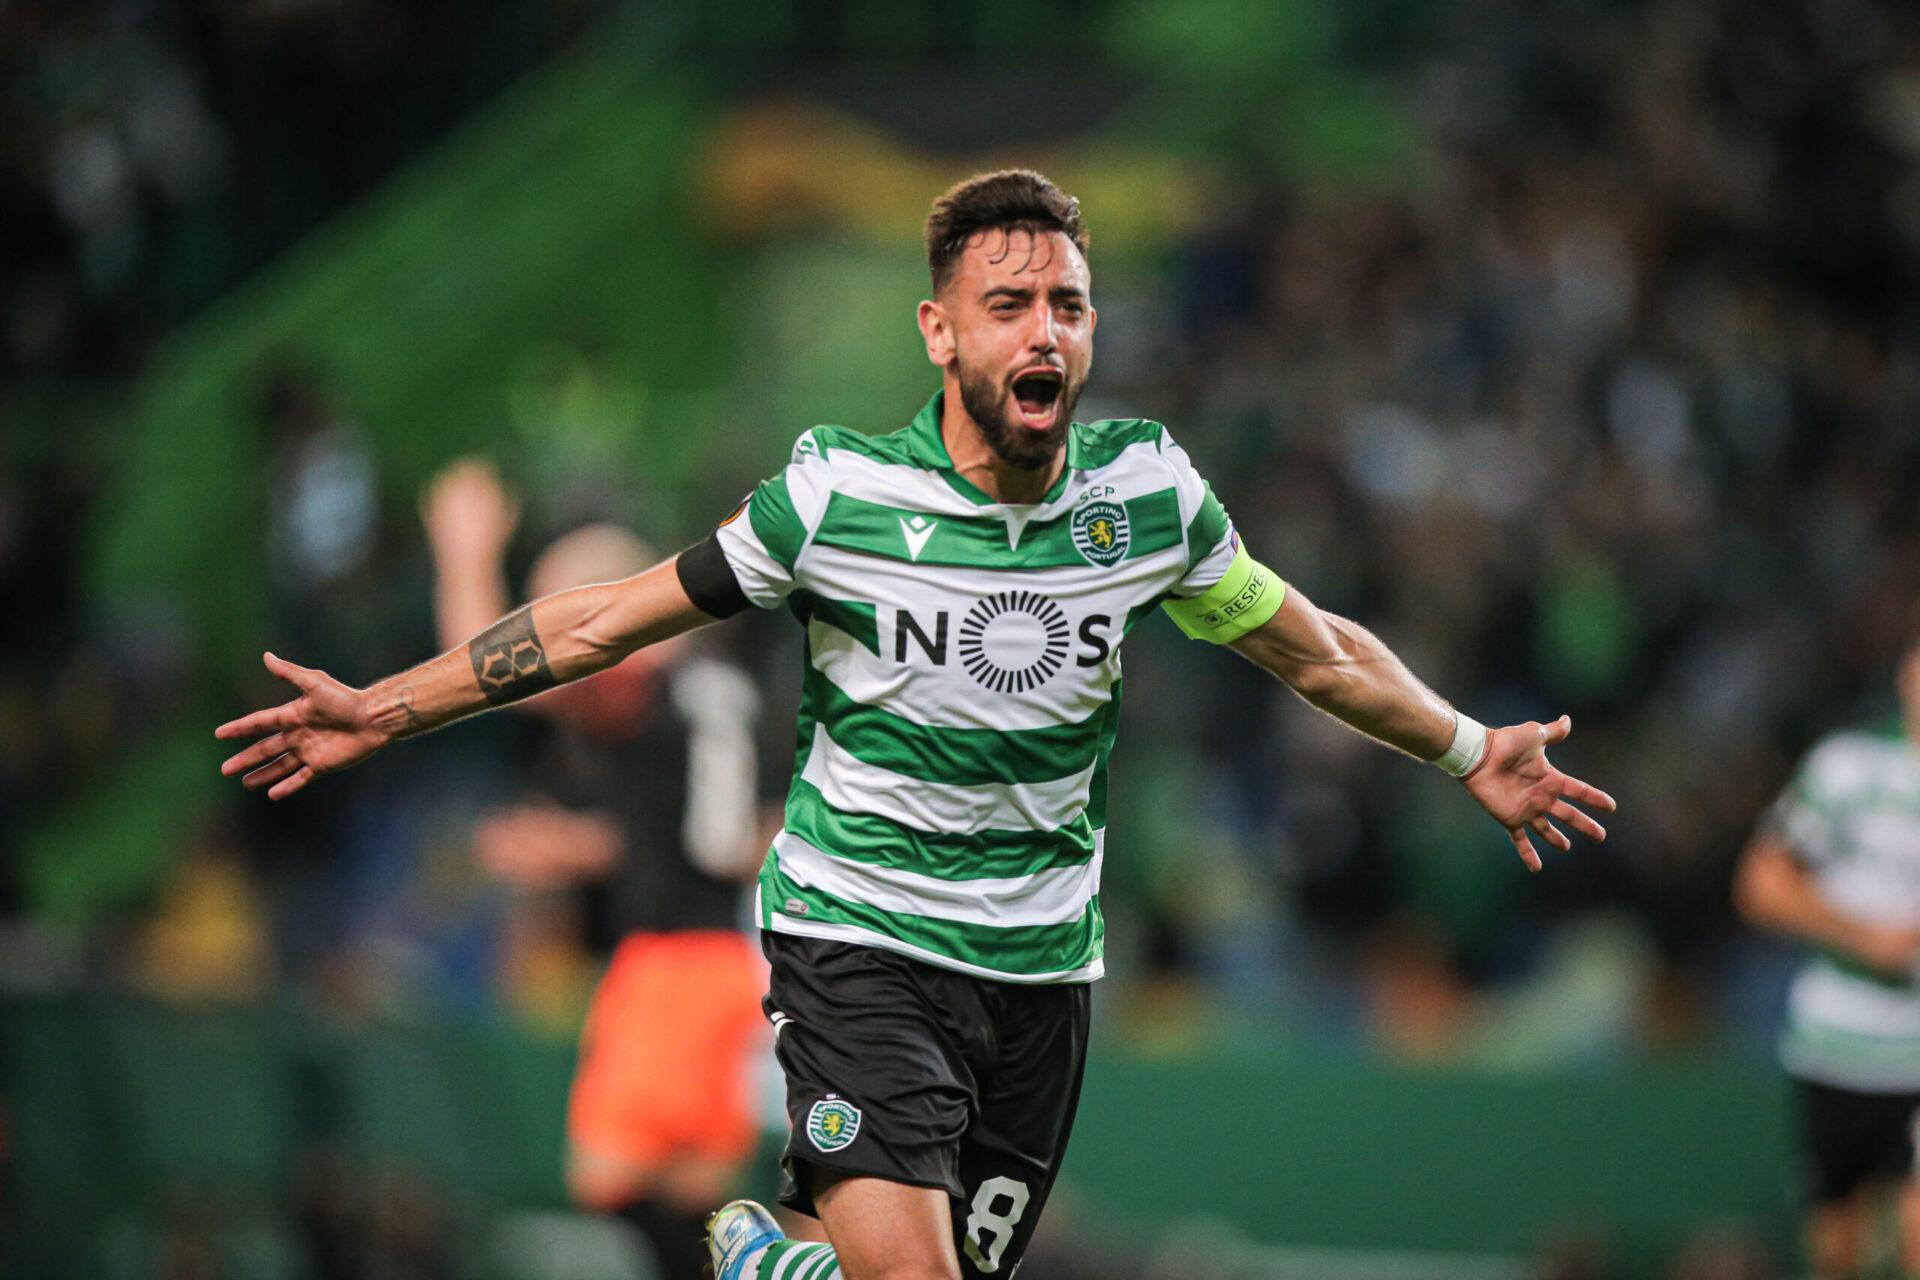 Bruno Fernandes portant les couleurs du Sporting PC (Icon Sport)